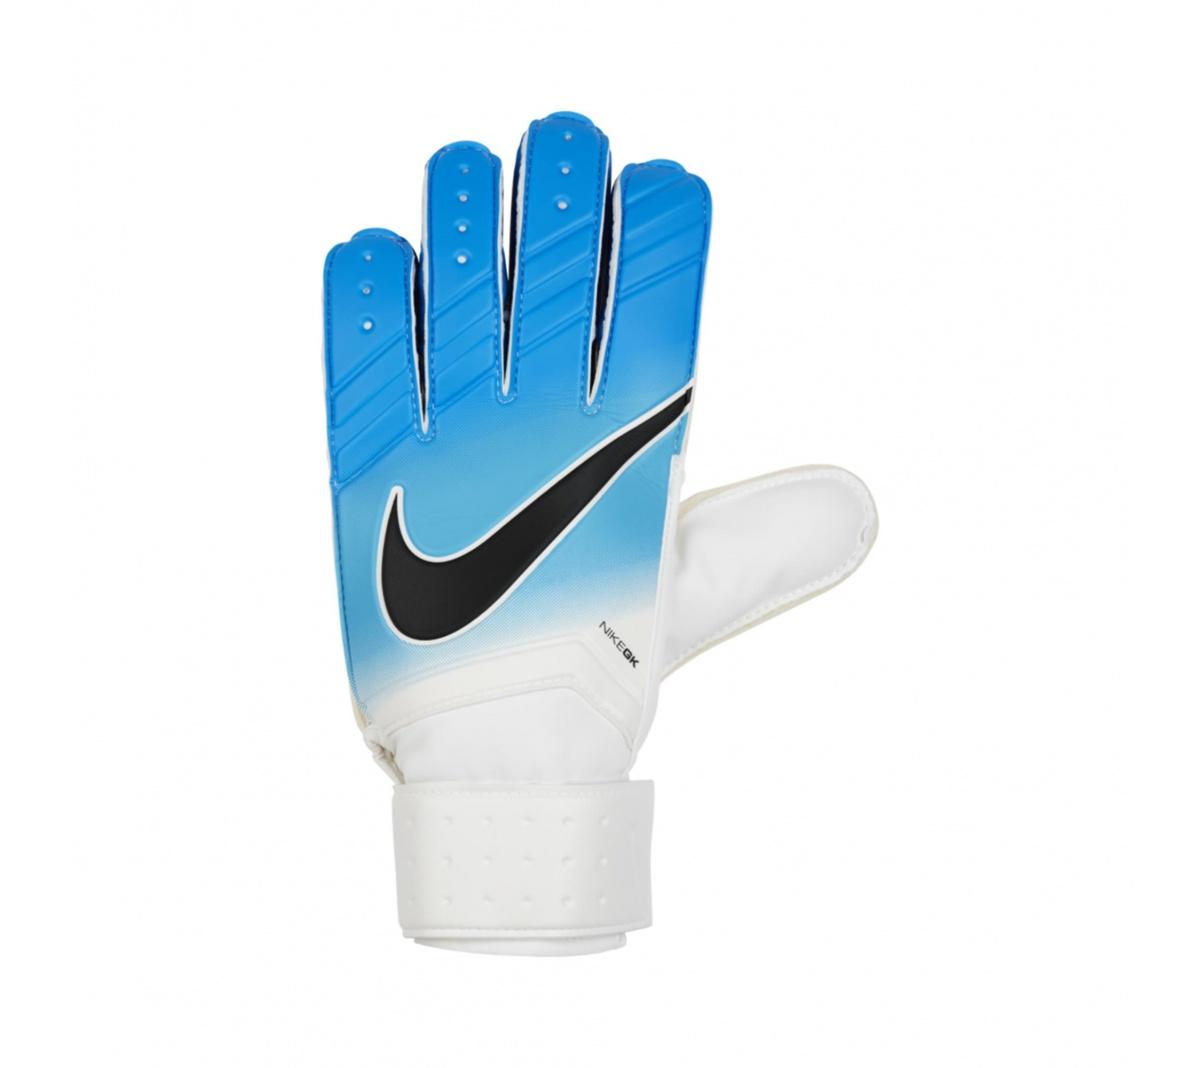 f80c415e9 Luva de Goleiro Nike GK Match Infantil - Mundo do Futebol